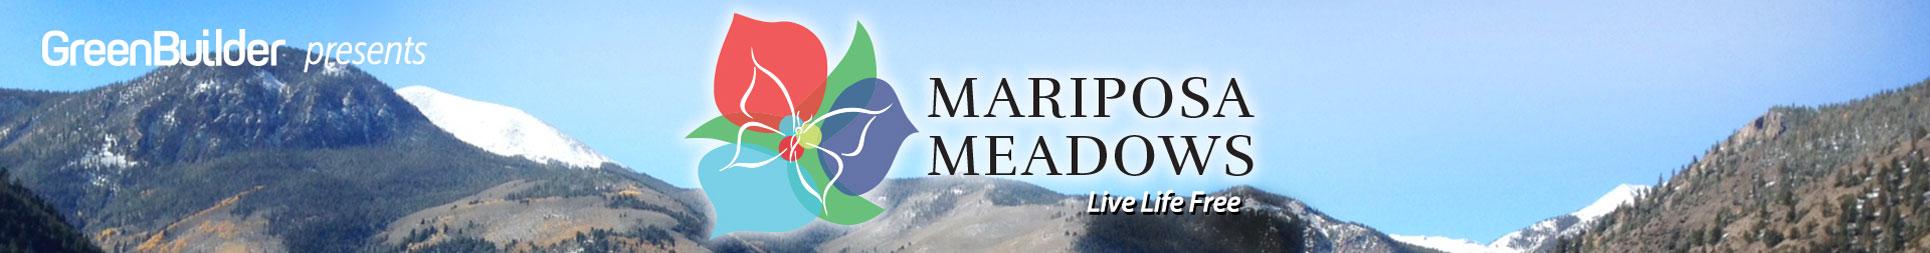 VH-Mariposa-Meadows-banner.jpg